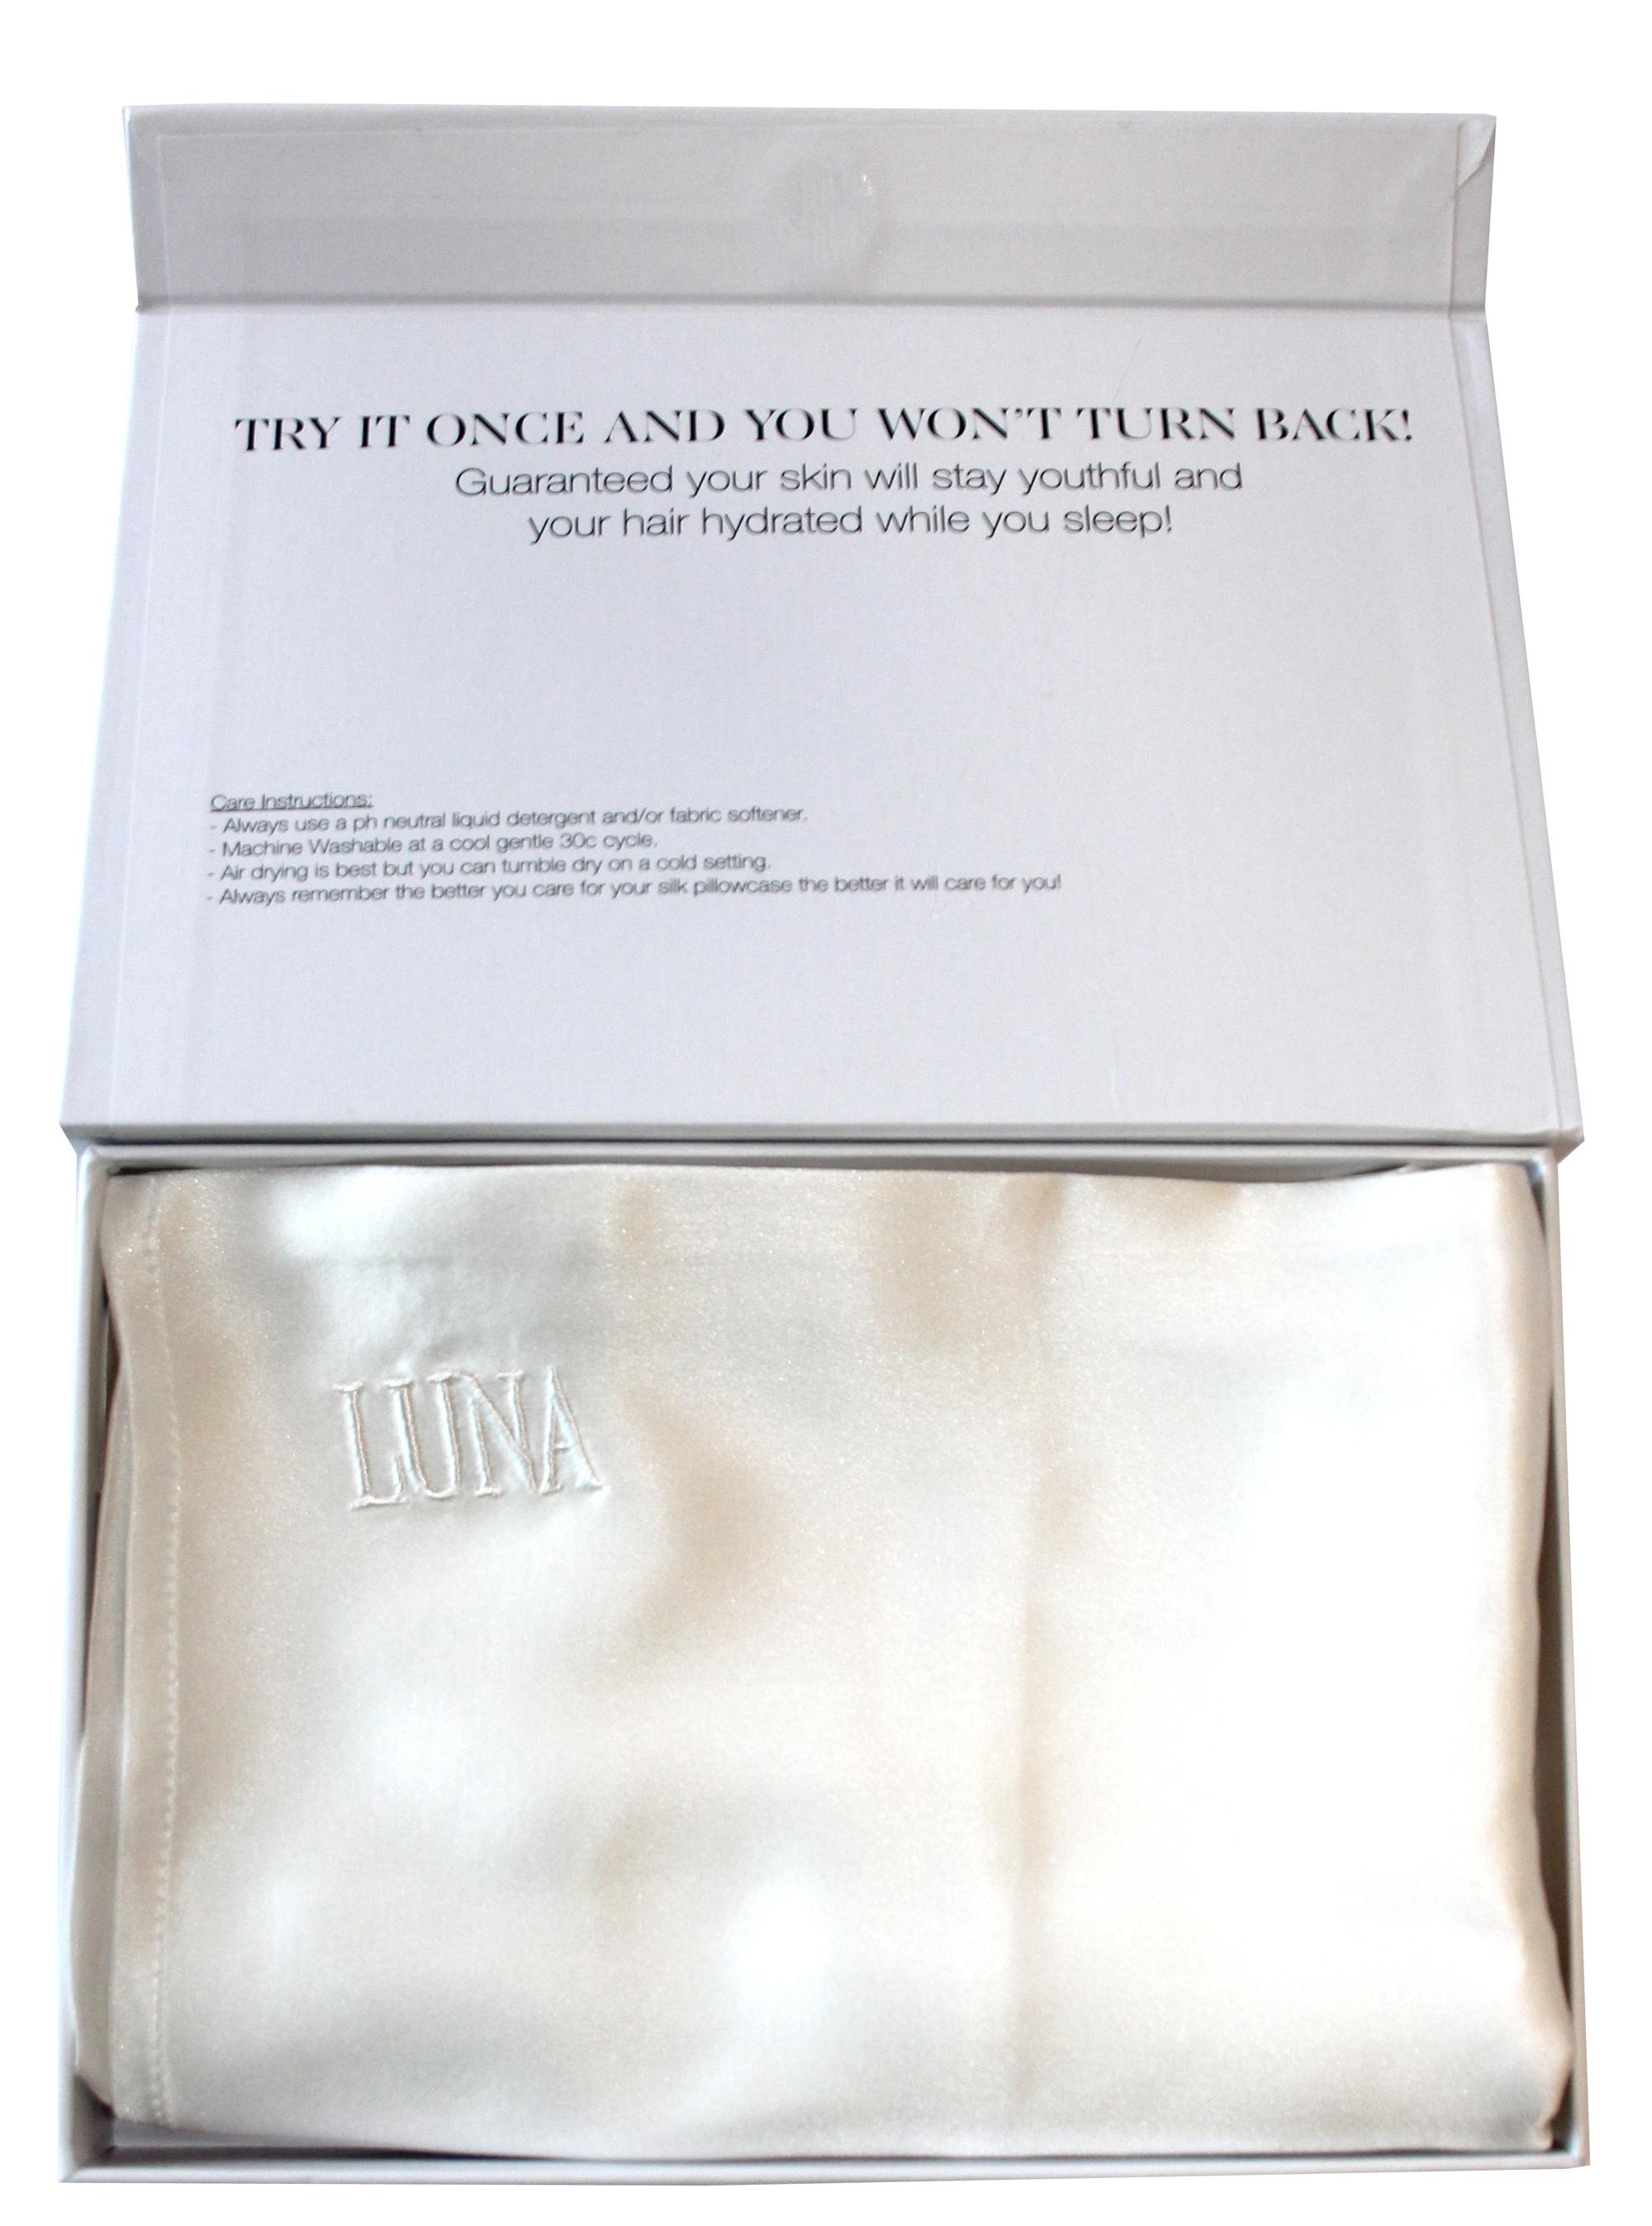 Luna Pure silk pillowcase by Cara Pharmacy